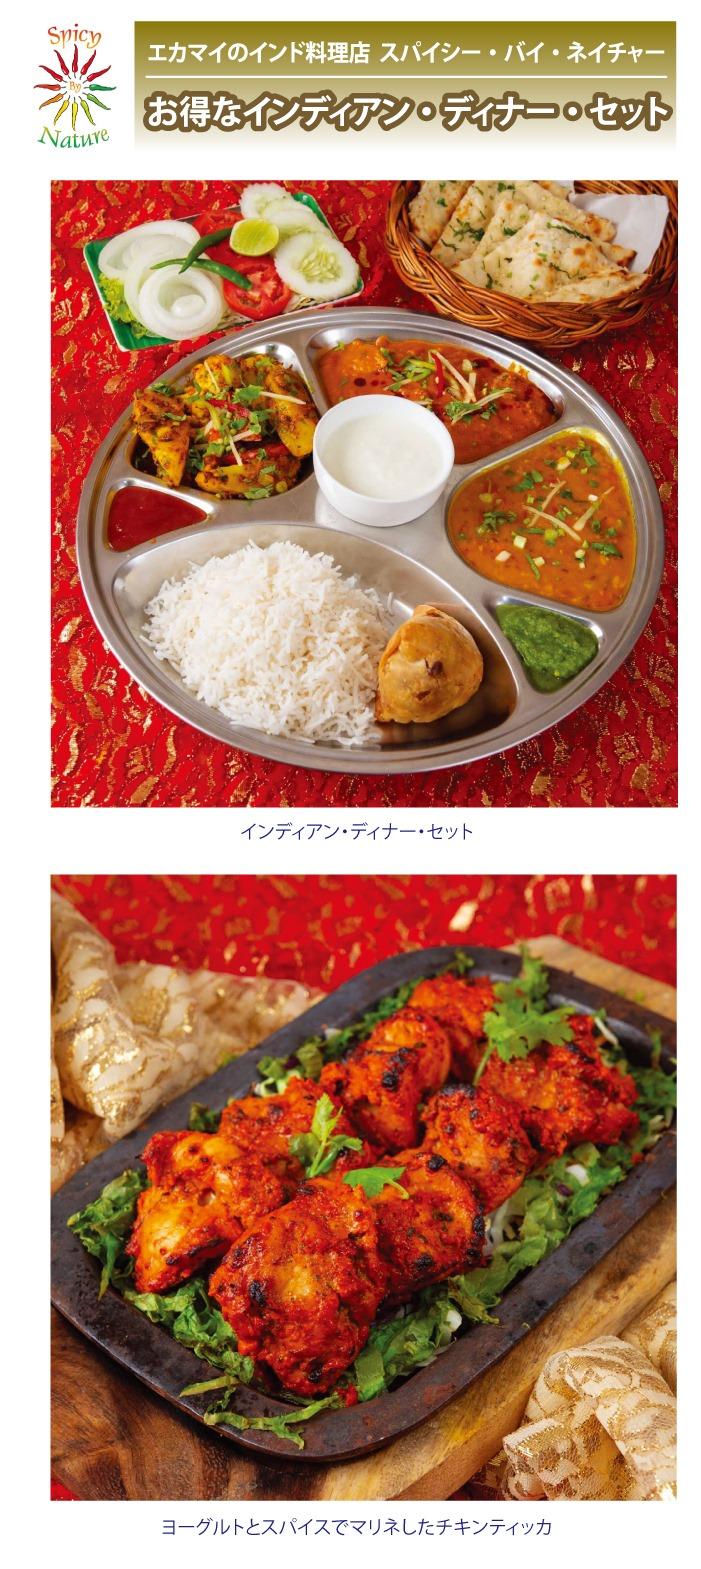 エカマイのインド料理店 スパイシー・バイ・ネイチャーのお得なインディアン・ディナー・セット